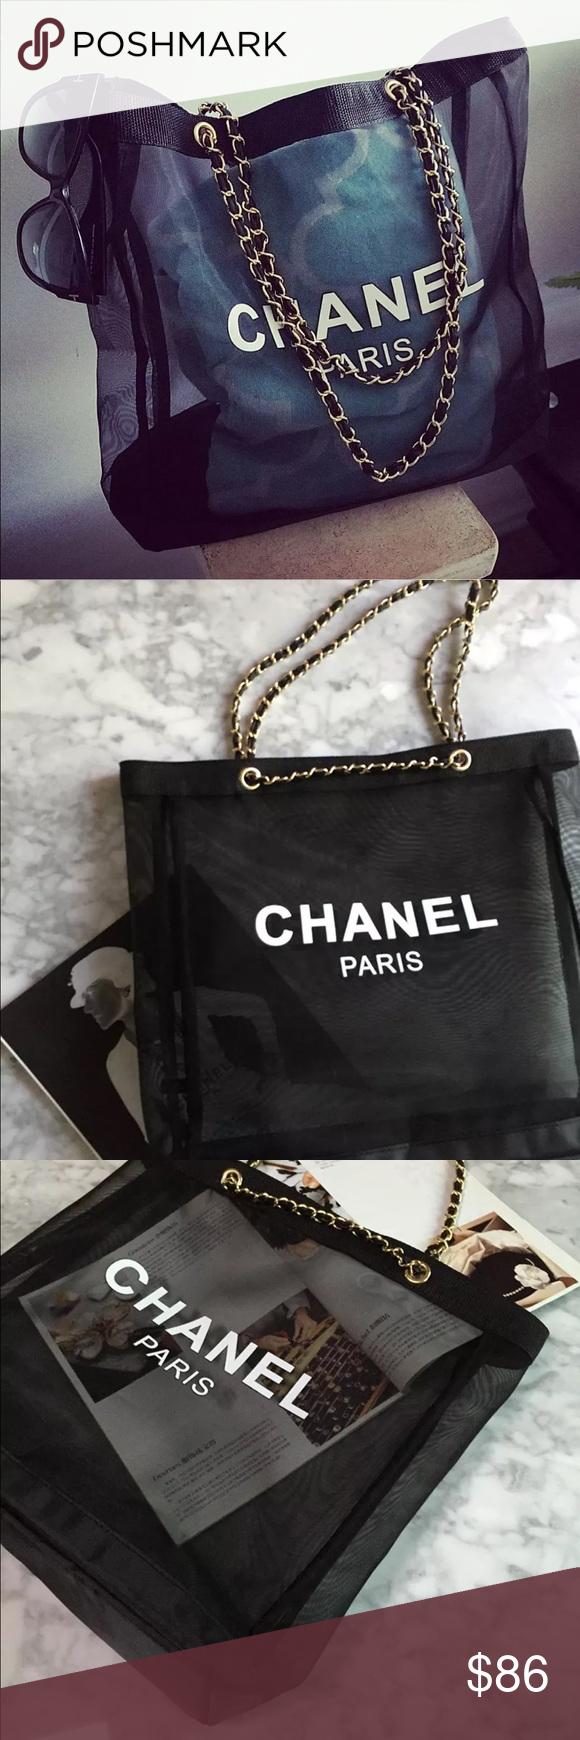 e2c153e81c7a CHANEL VIP GIFT MESH TOTE BAG CHAIN STRAP New in plastic bag CHANEL Bags  Totes